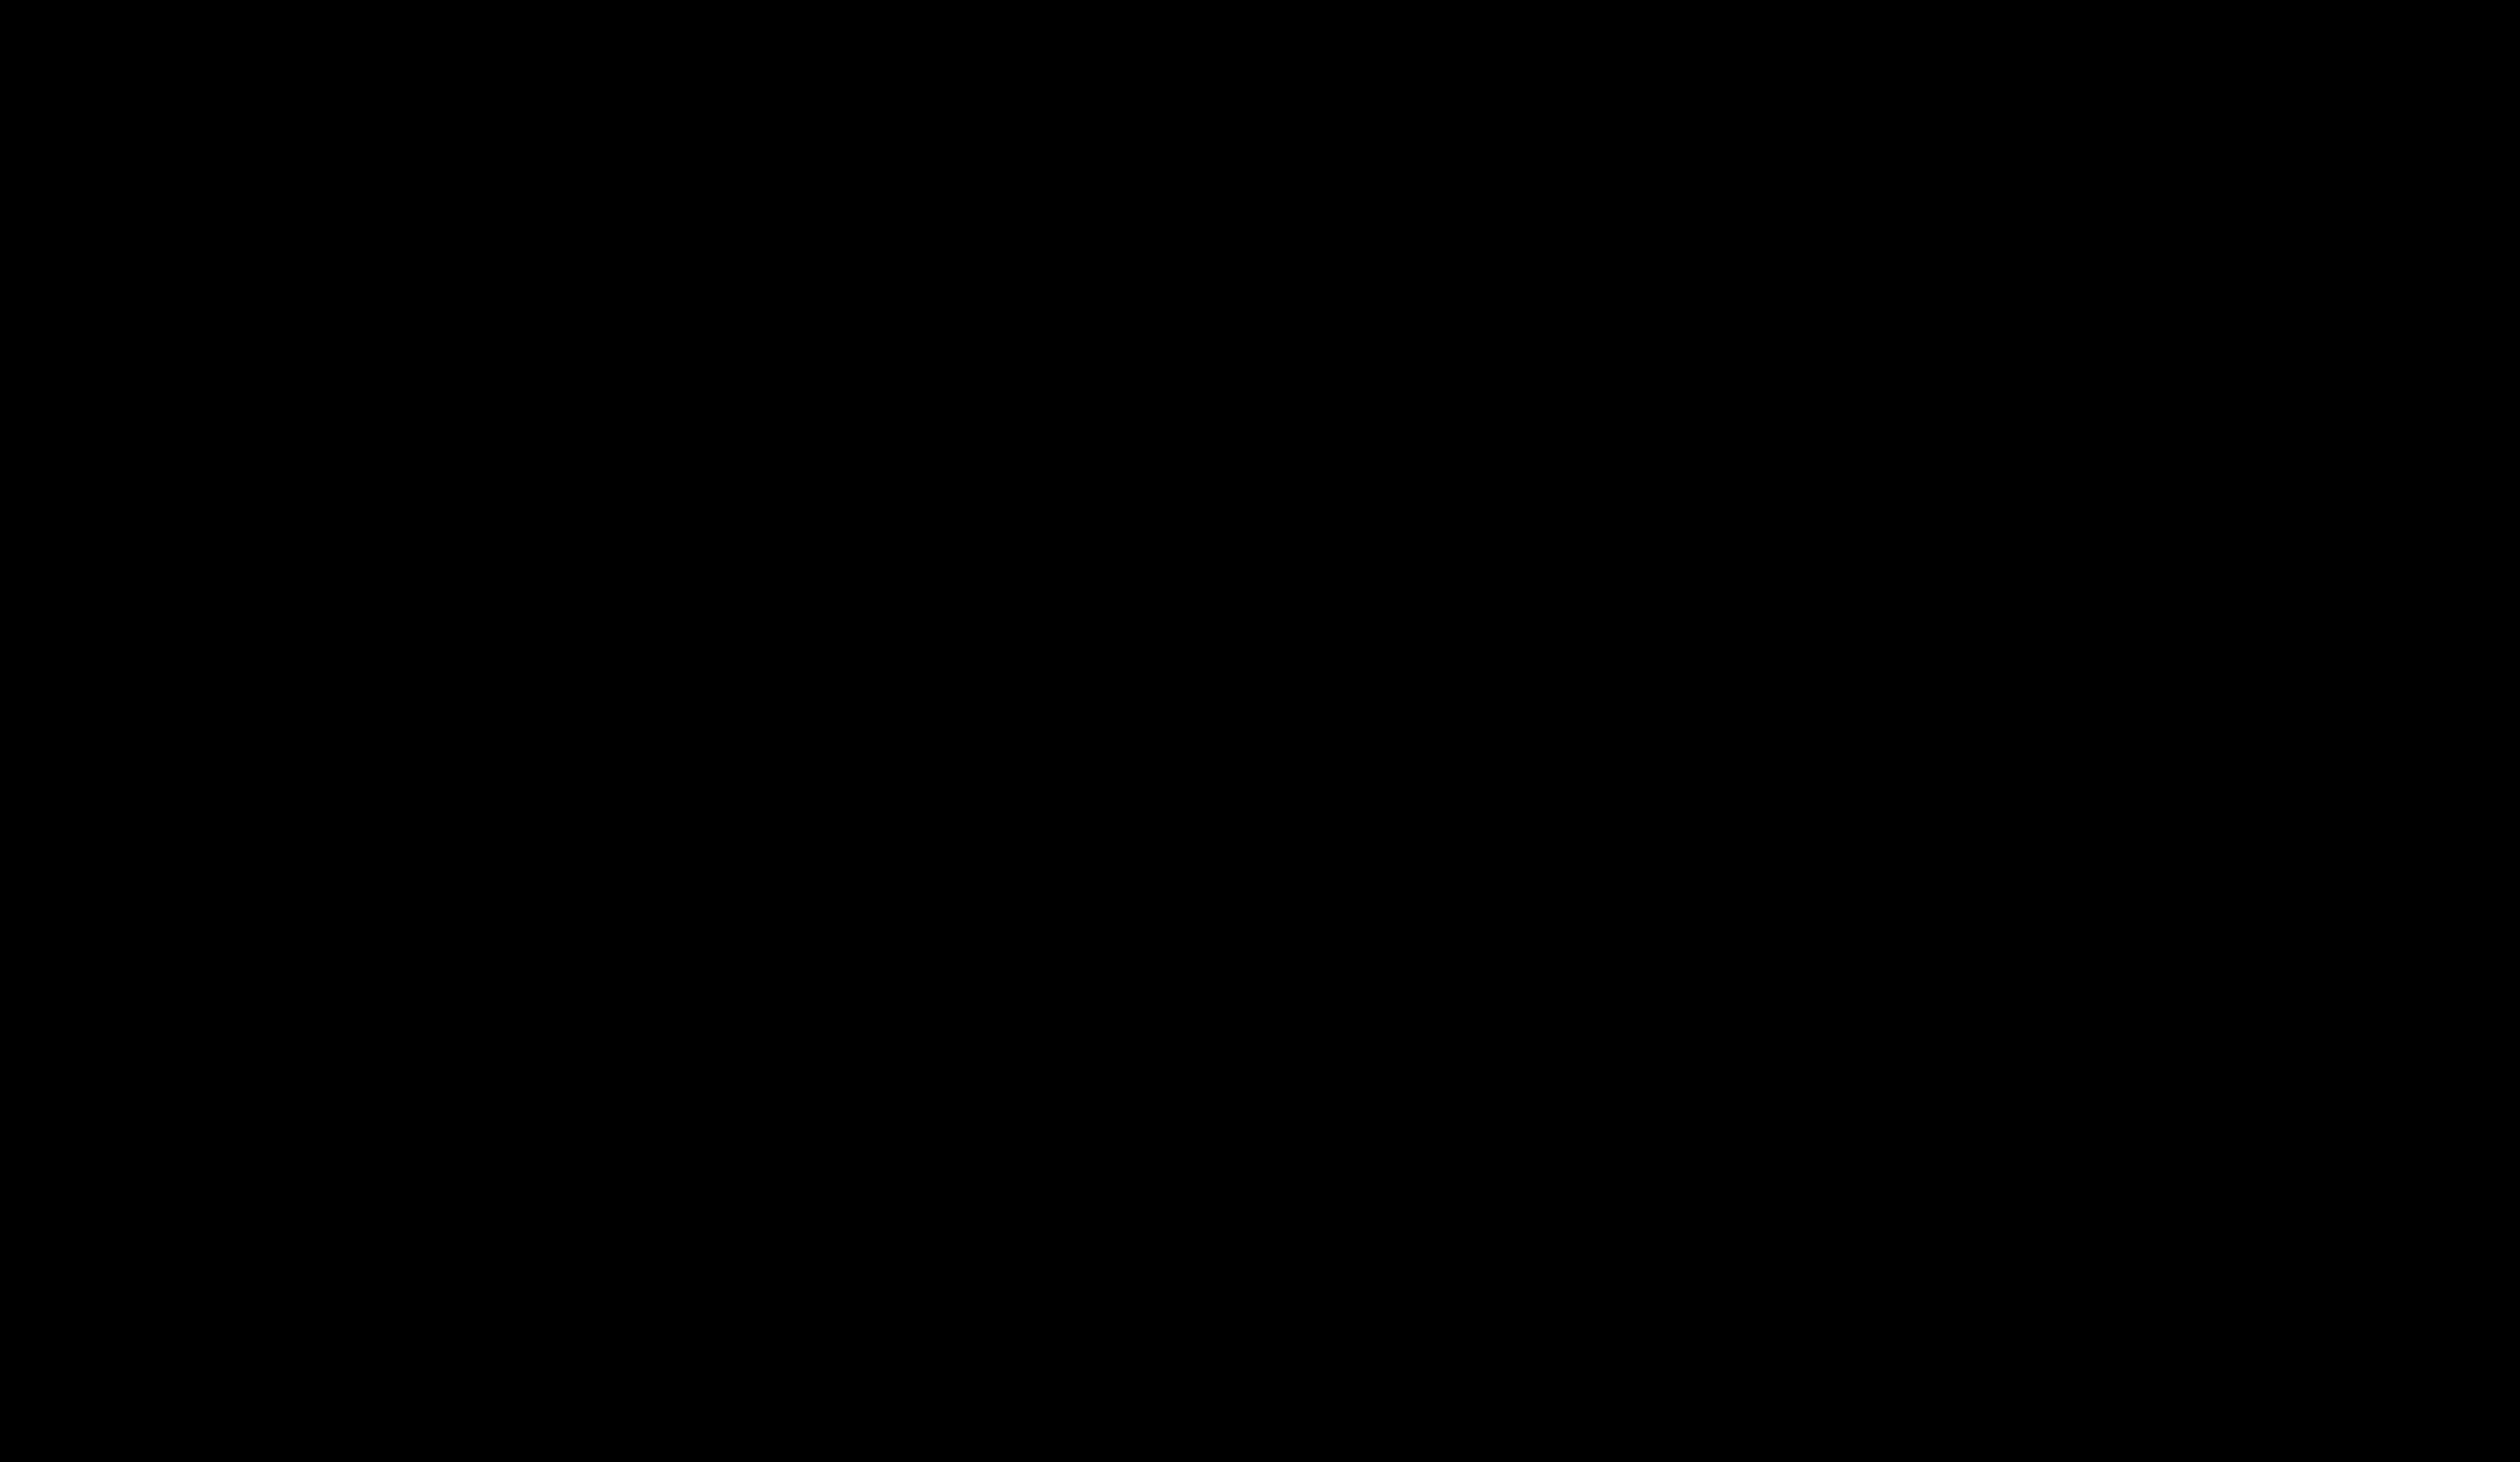 Winter City Night